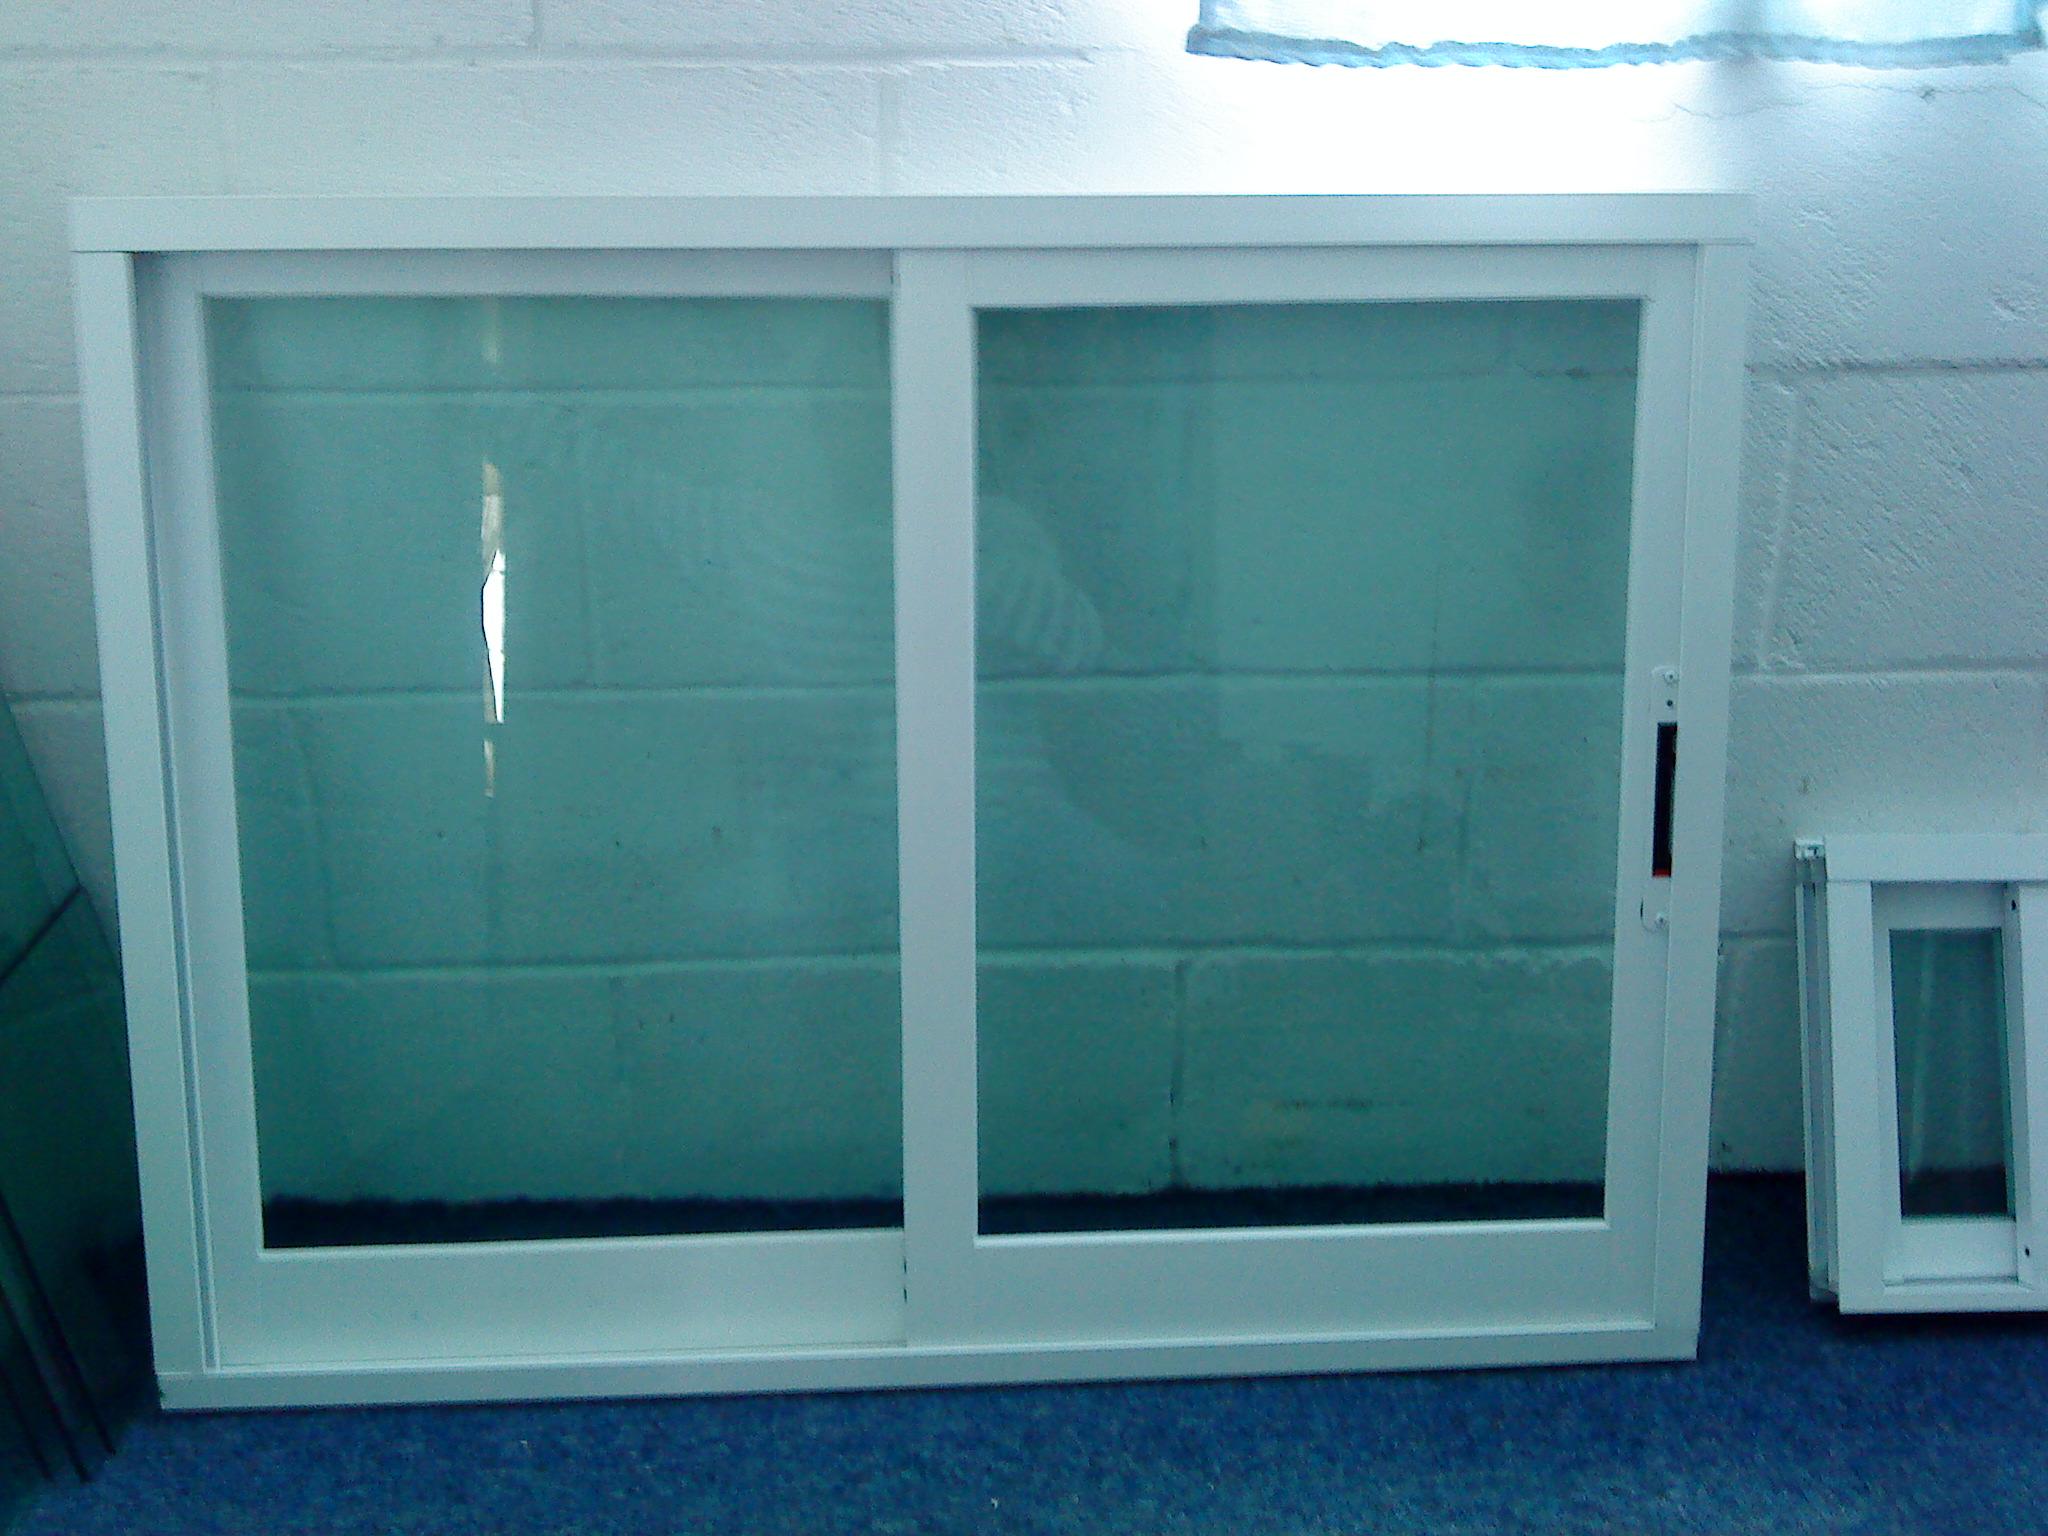 Puertas y ventanas de aluminio precios interesting for Puertas de aluminio